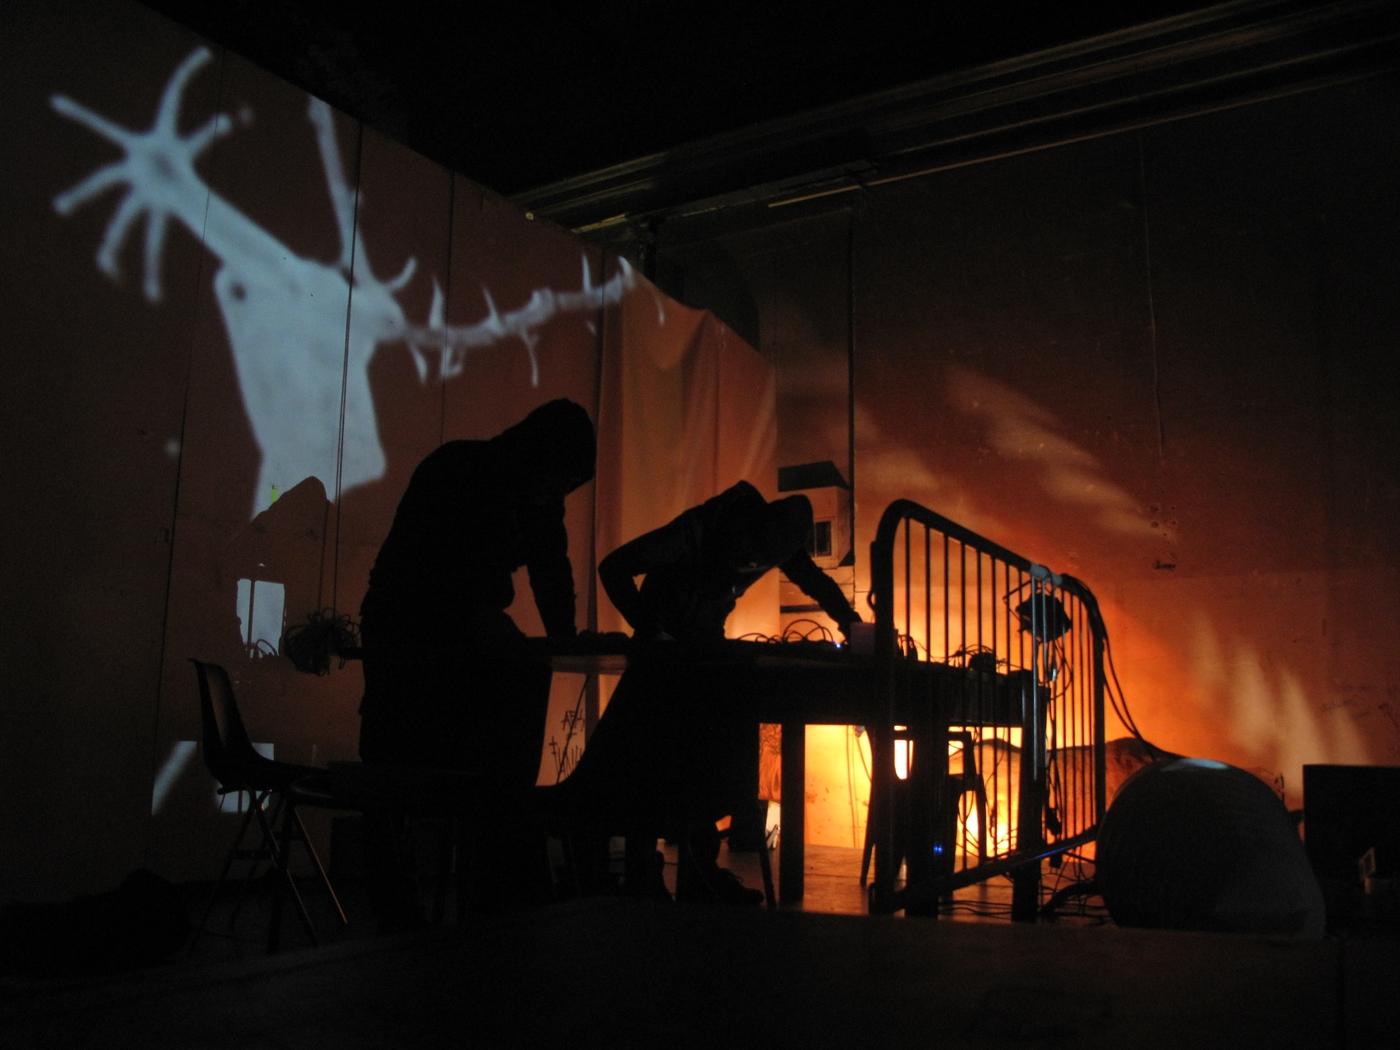 Electro-noise Live at Teatro Guido, Ex Cavallerizza reale, Torino, 2018